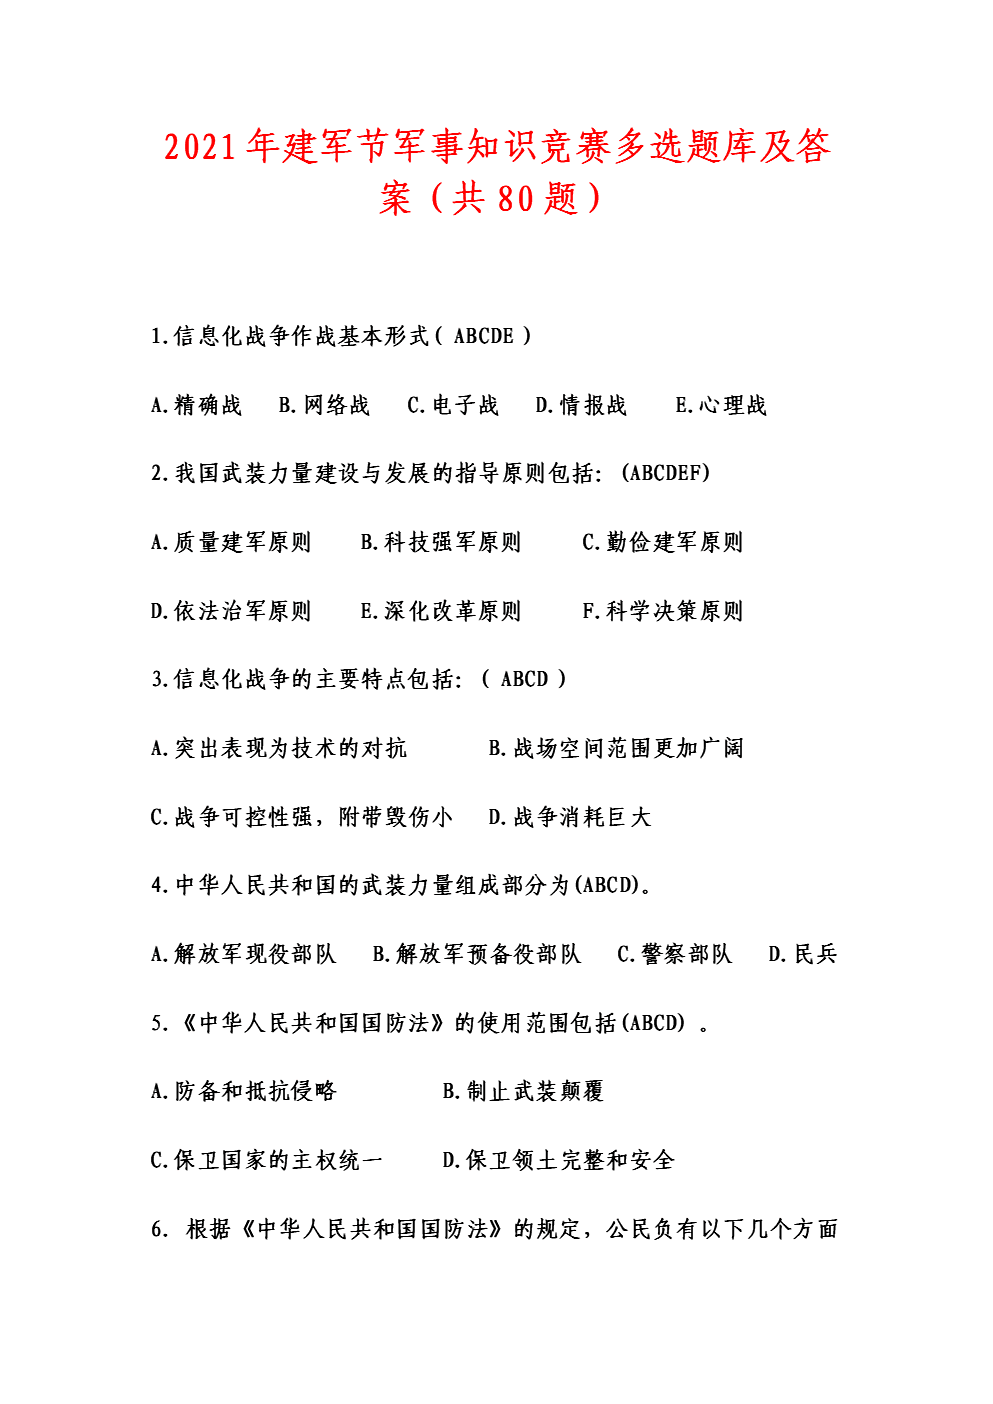 2021年建军节军事知识竞赛多选题库及答案(共80题).docx